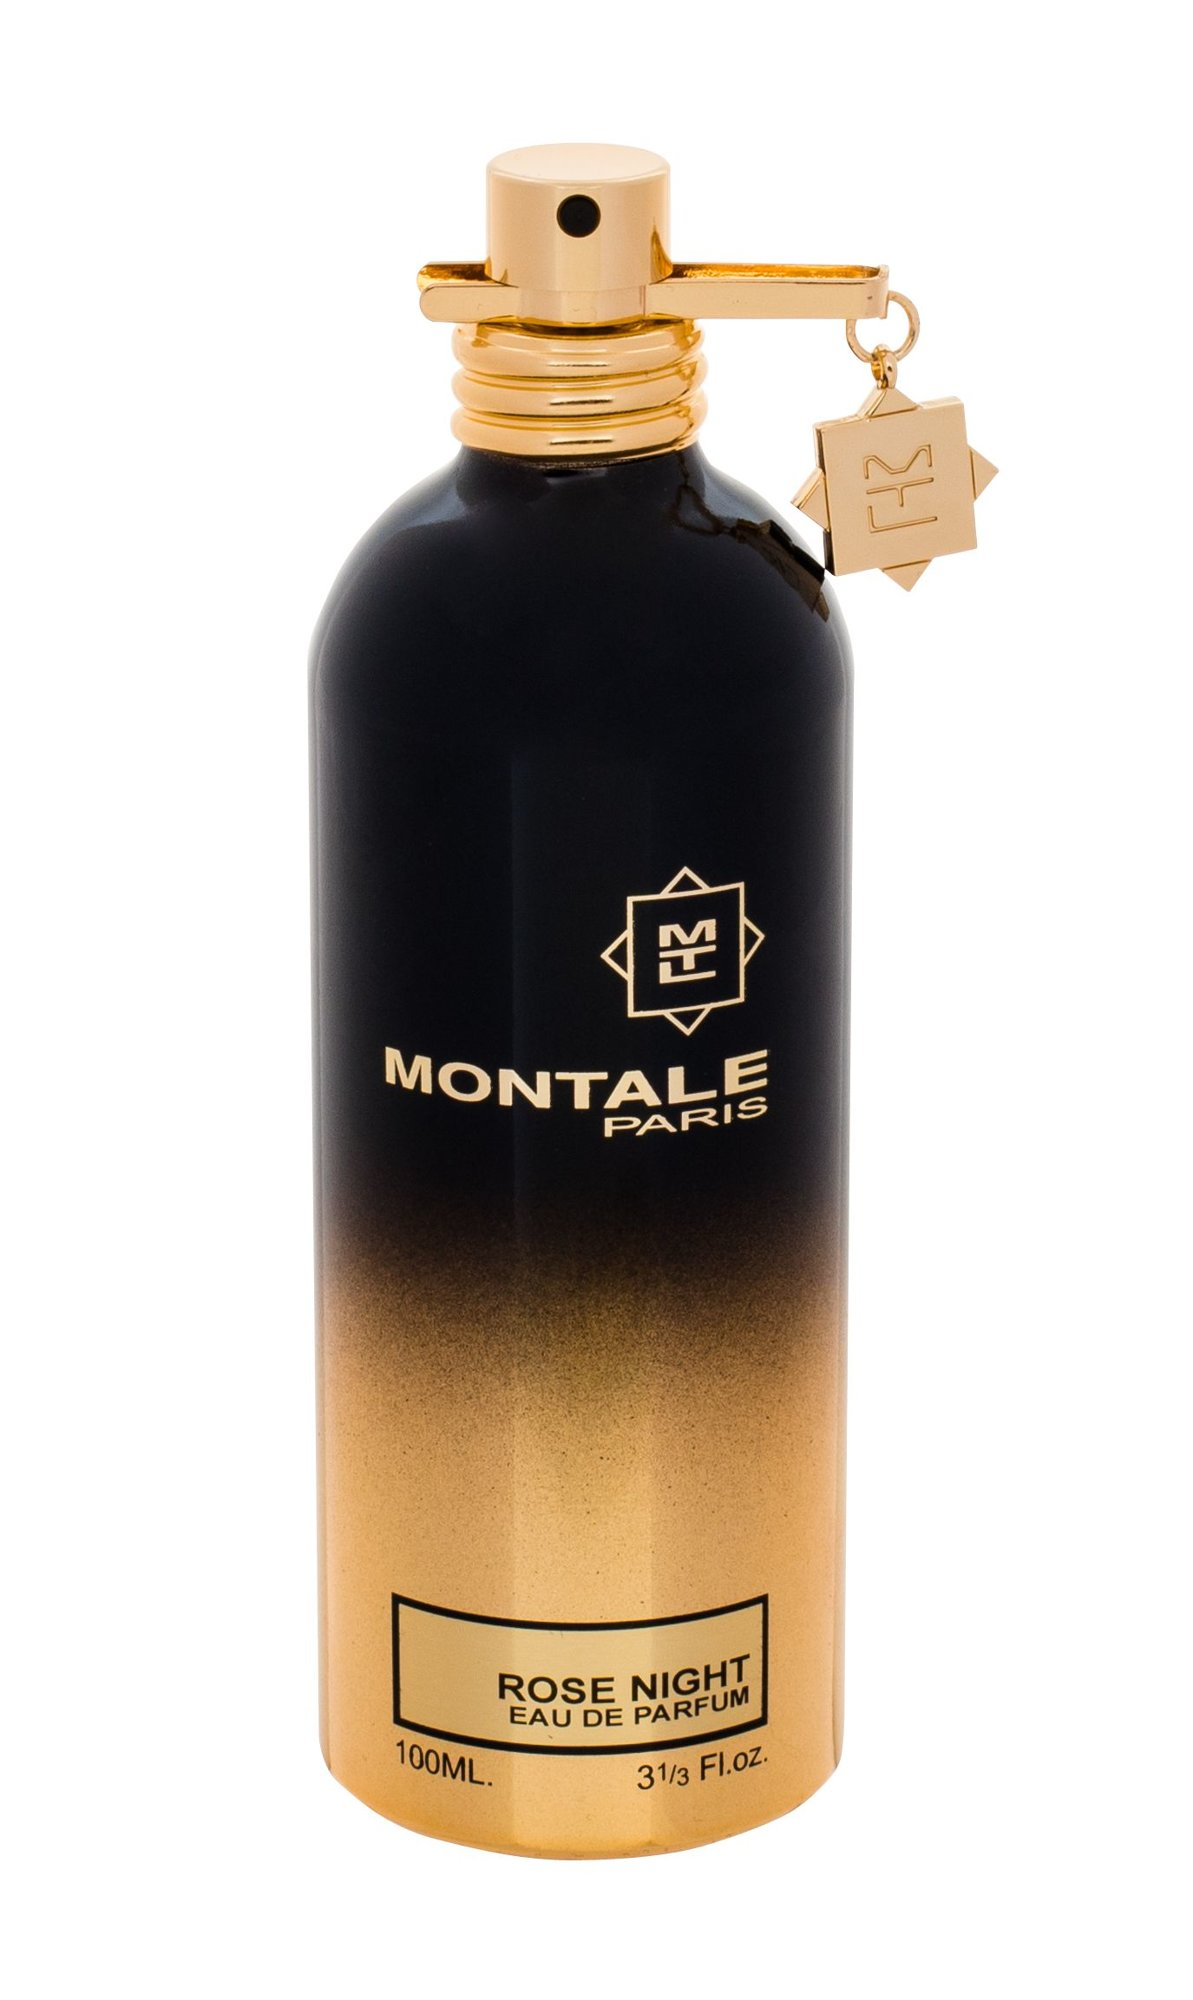 Montale Paris Rose Night Eau de Parfum 100ml